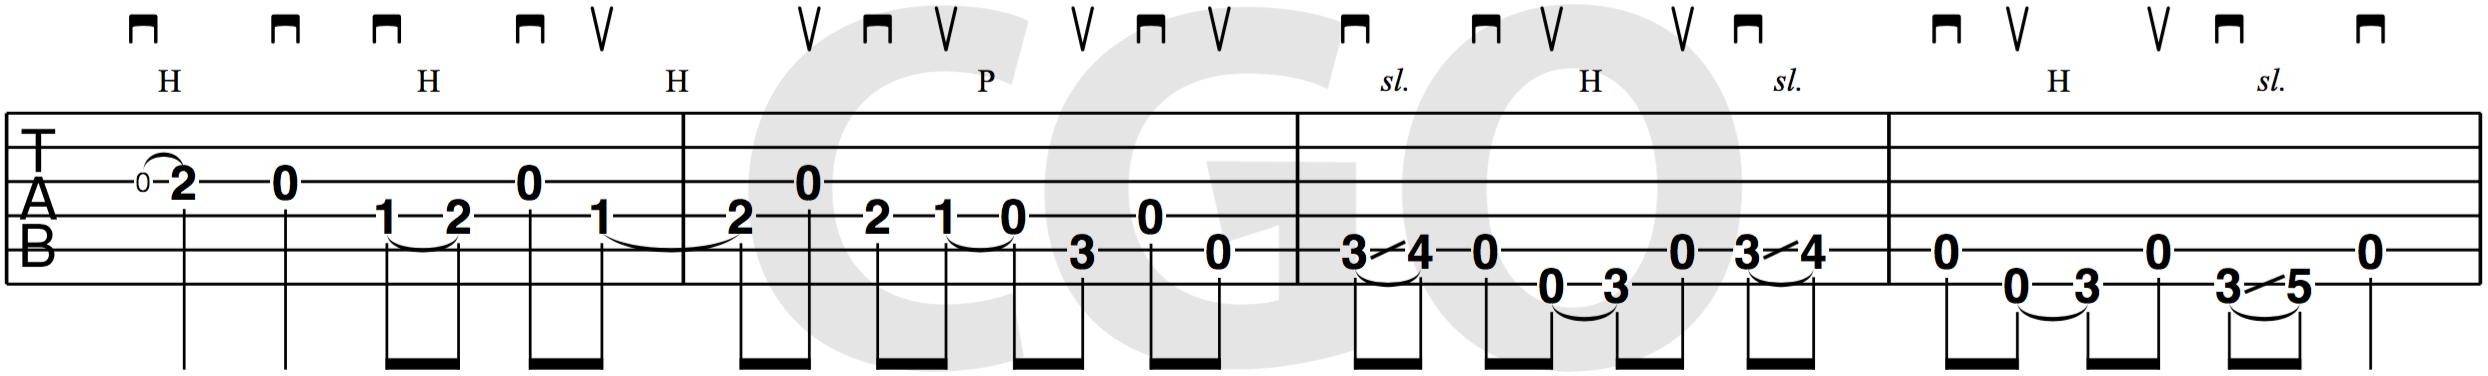 bluegrass-flatpicking-guitar-lick-tablature-a0001